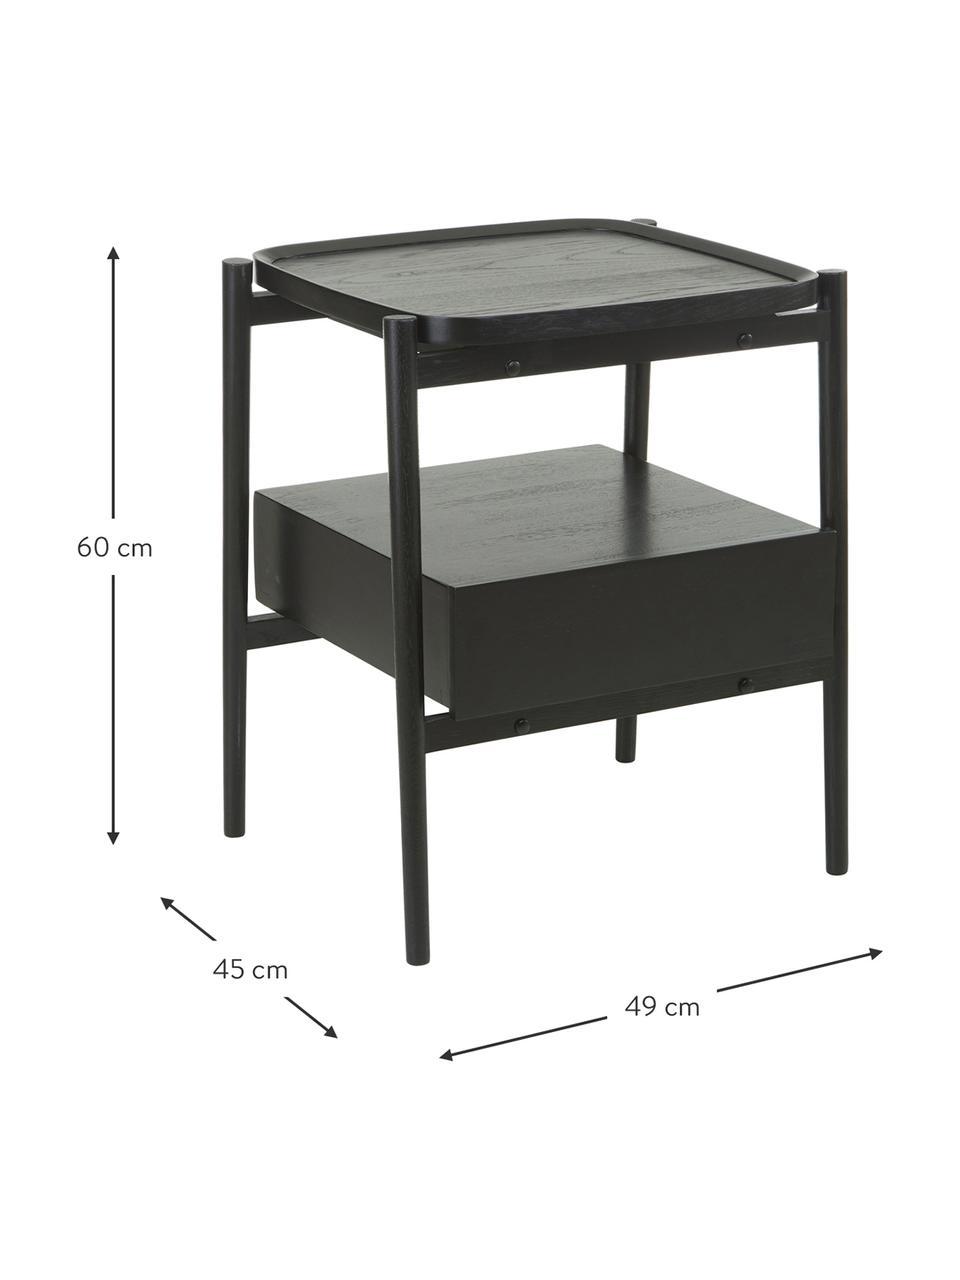 Nachttisch Libby aus Eichenholz, Ablagefläche: Eichenholzfurnier mit mit, Schwarz, 49 x 60 cm